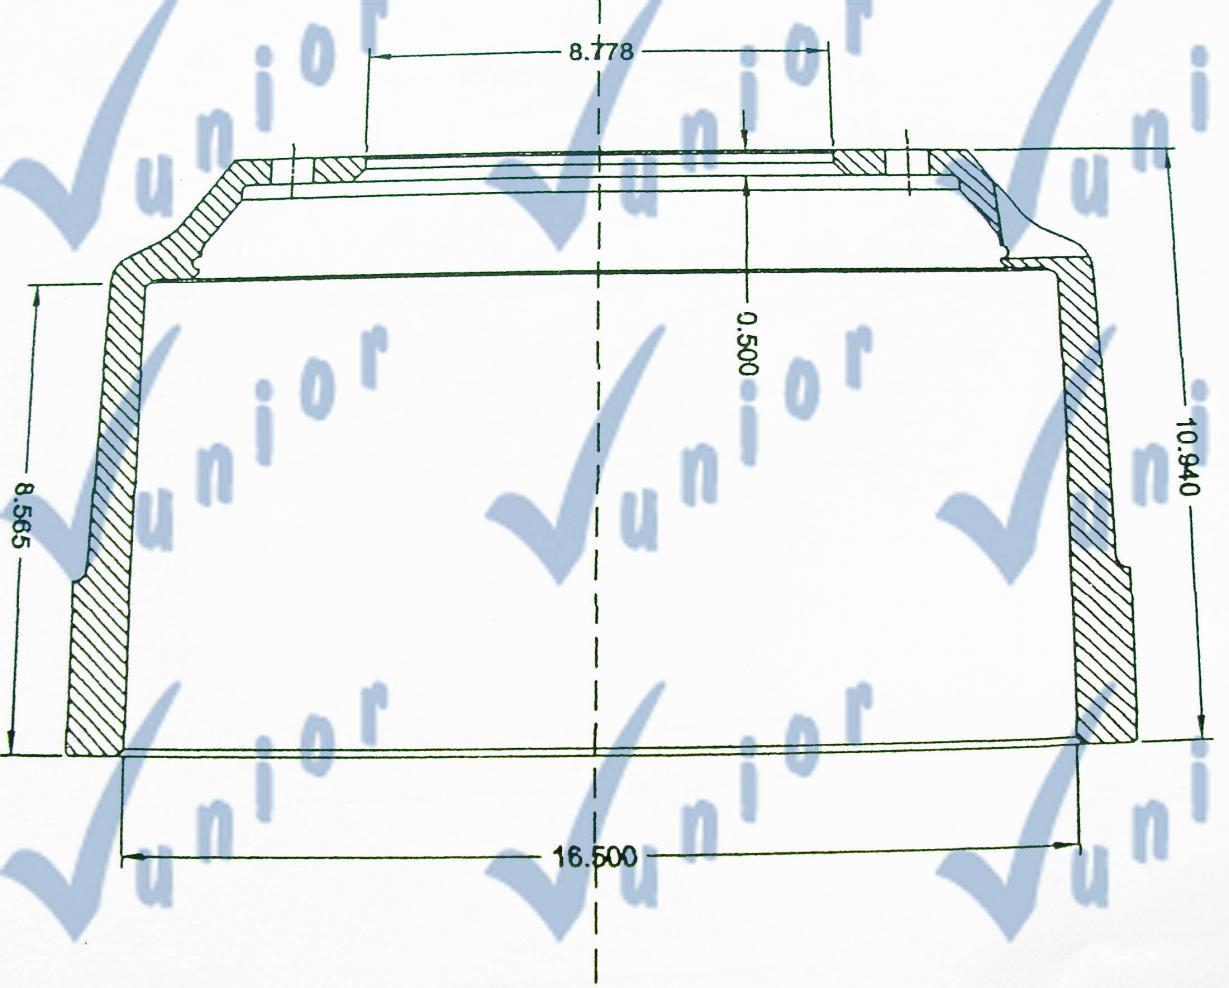 Conjunto puntal elevaci/ón la Puerta Trasera Accesorios Herramientas Metal Dumper Trasero Cami/ón desaceleraci/ón Soporte Resorte Duradero Amortiguador Coche para HILUX Vigo MK6